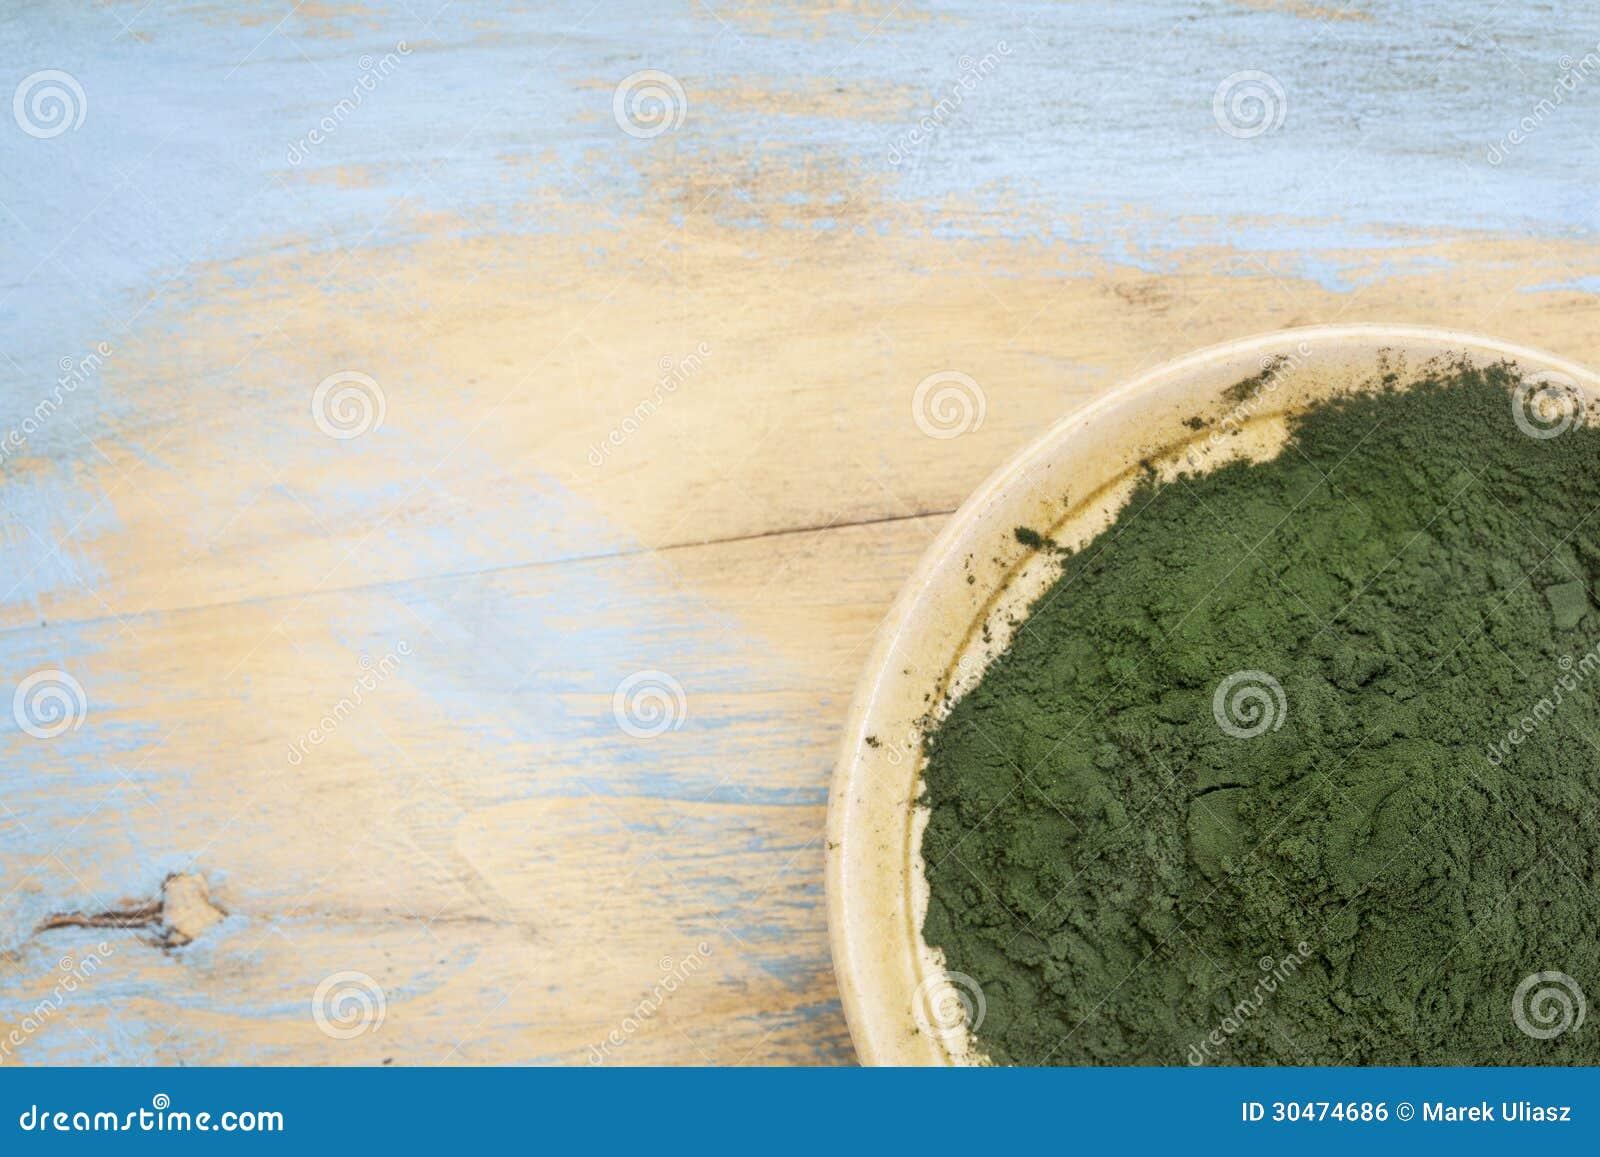 Polvere hawaiana di spirulina